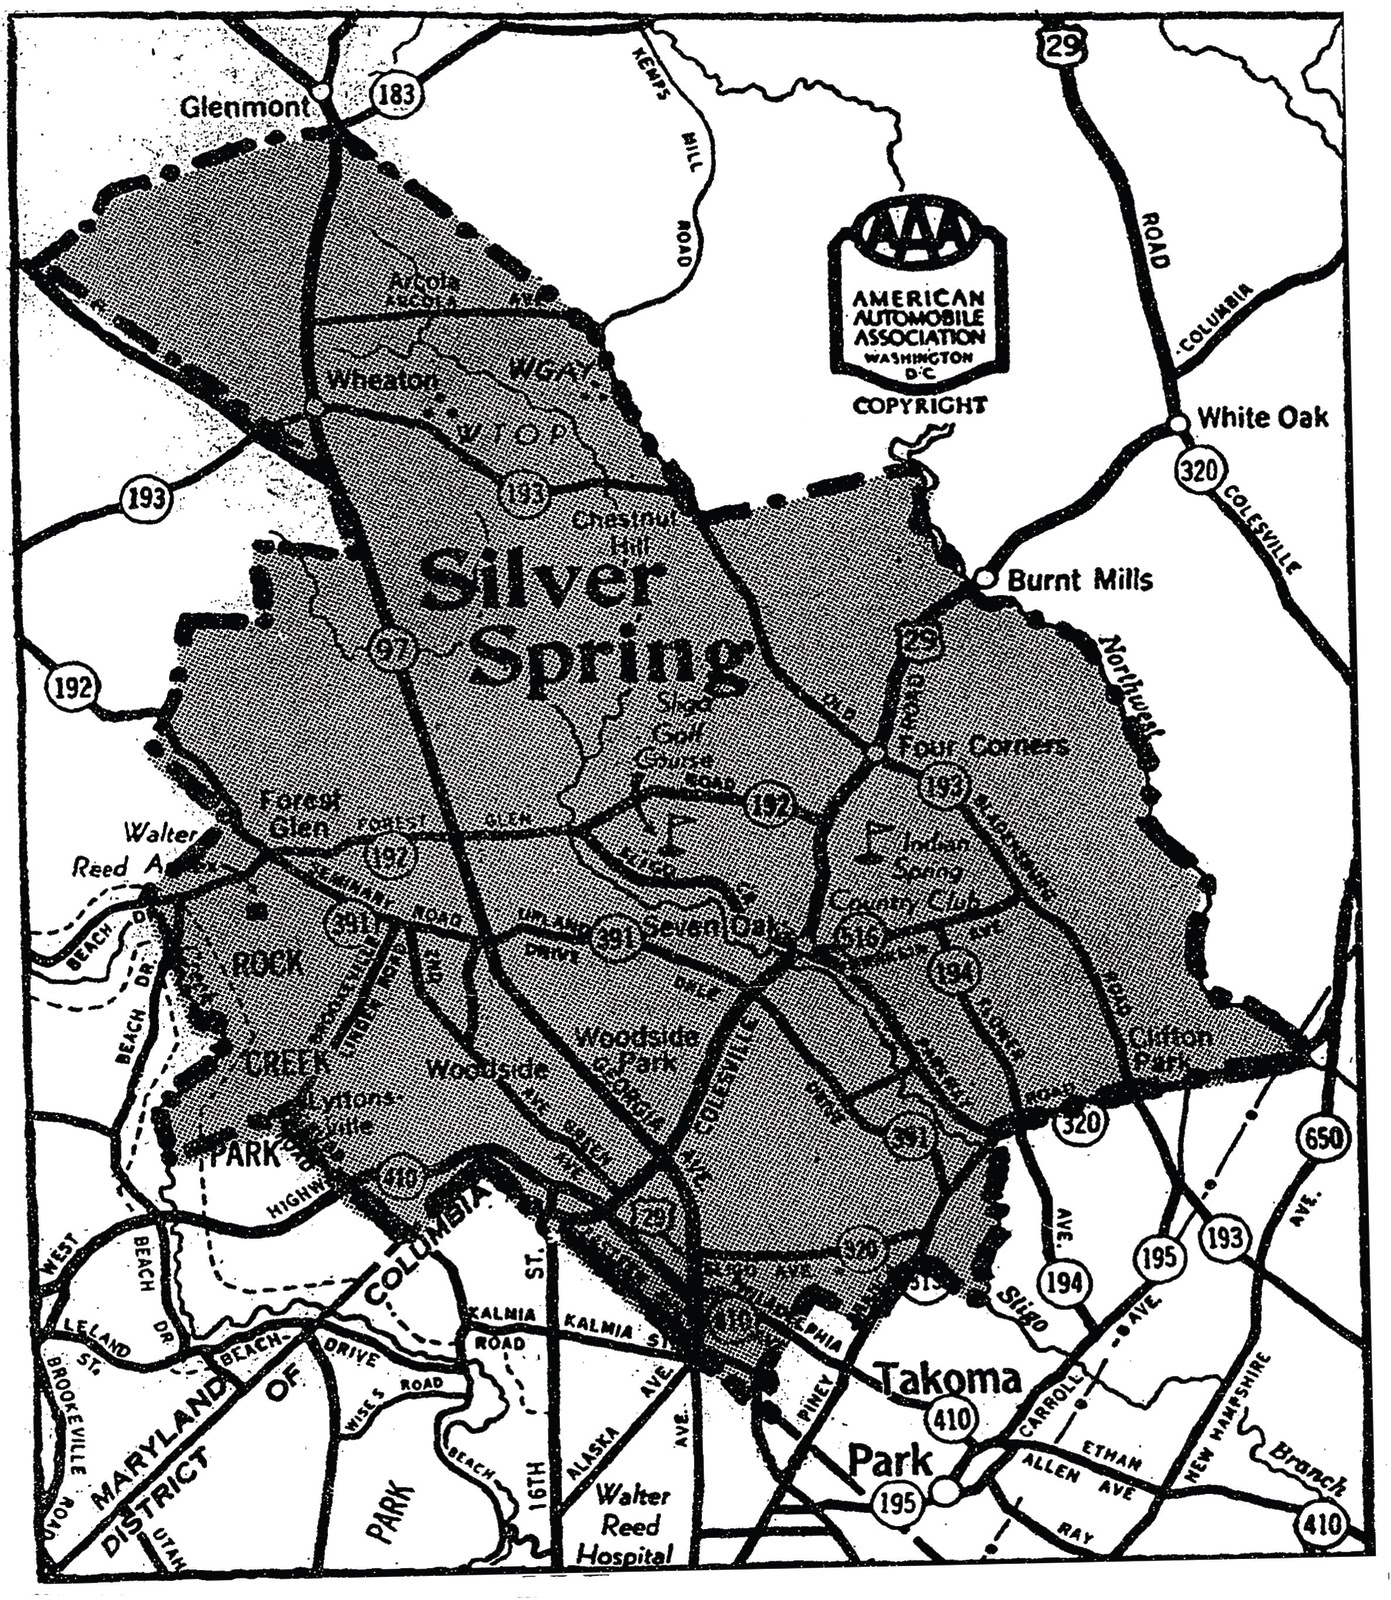 Silver Spring Md Zip Code Map | Zip Code MAP